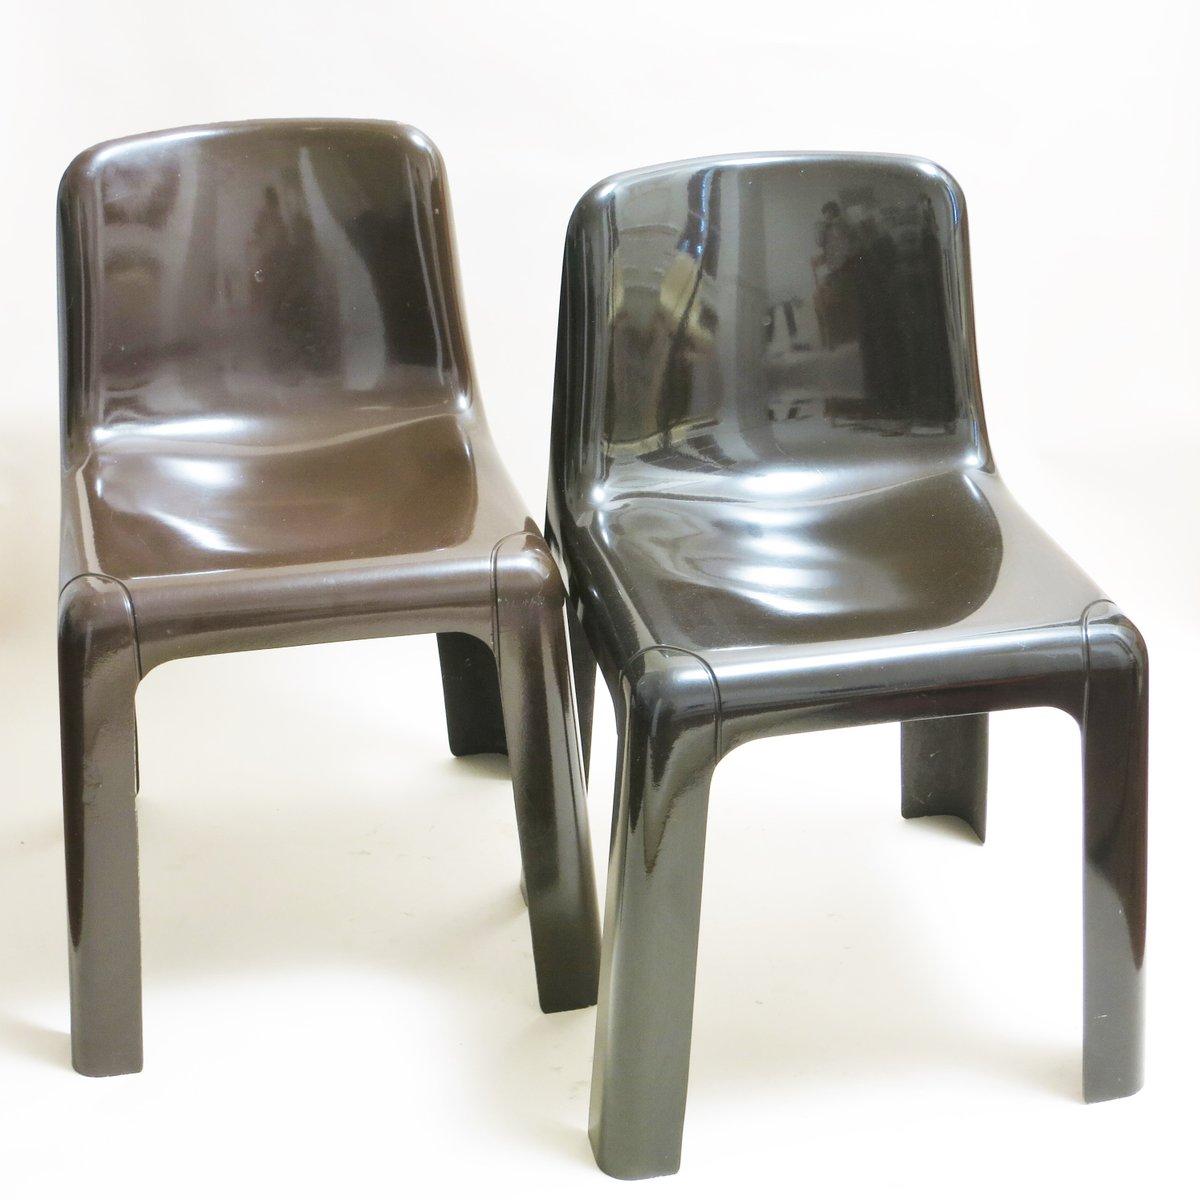 chaises empilables mod le ozoo 700 marron par marc berthier pour roche bobois en vente sur pamono. Black Bedroom Furniture Sets. Home Design Ideas